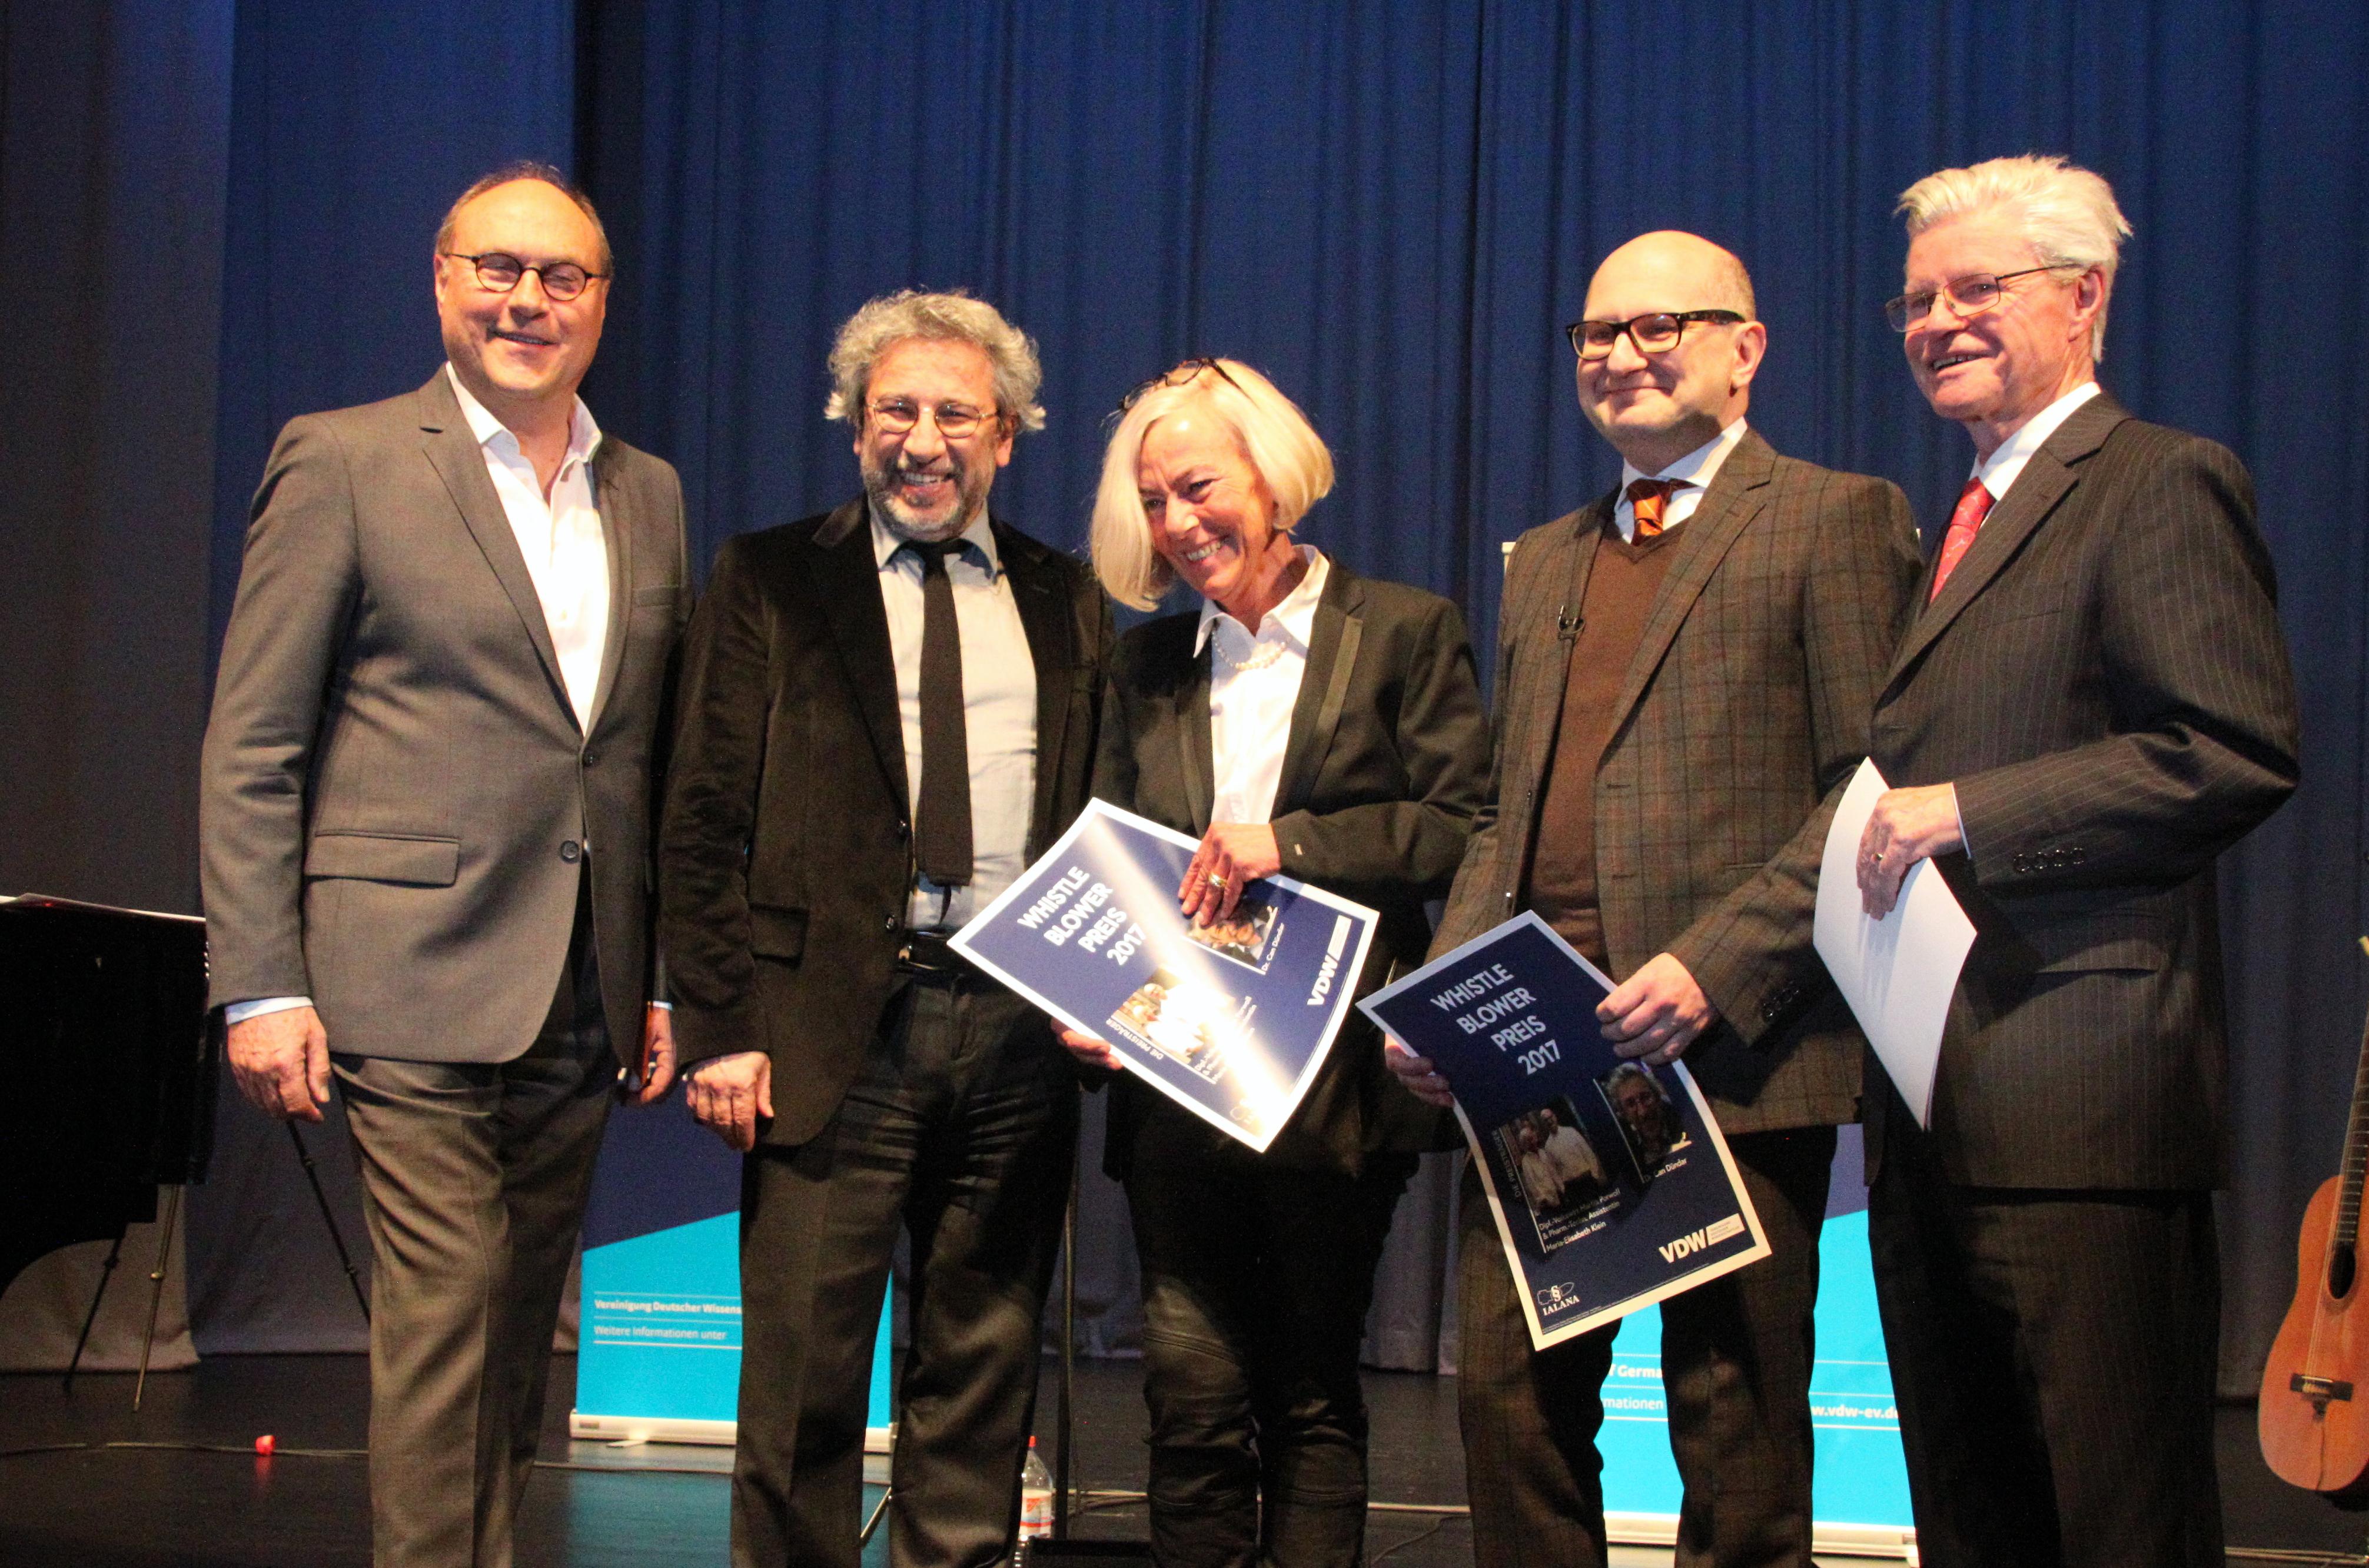 Maria-Elisabeth Klein, Martin Porwoll und Can Dündar mit Hartmut Graßl und ... bei der Verleihung des Whistleblower Preis 2017.